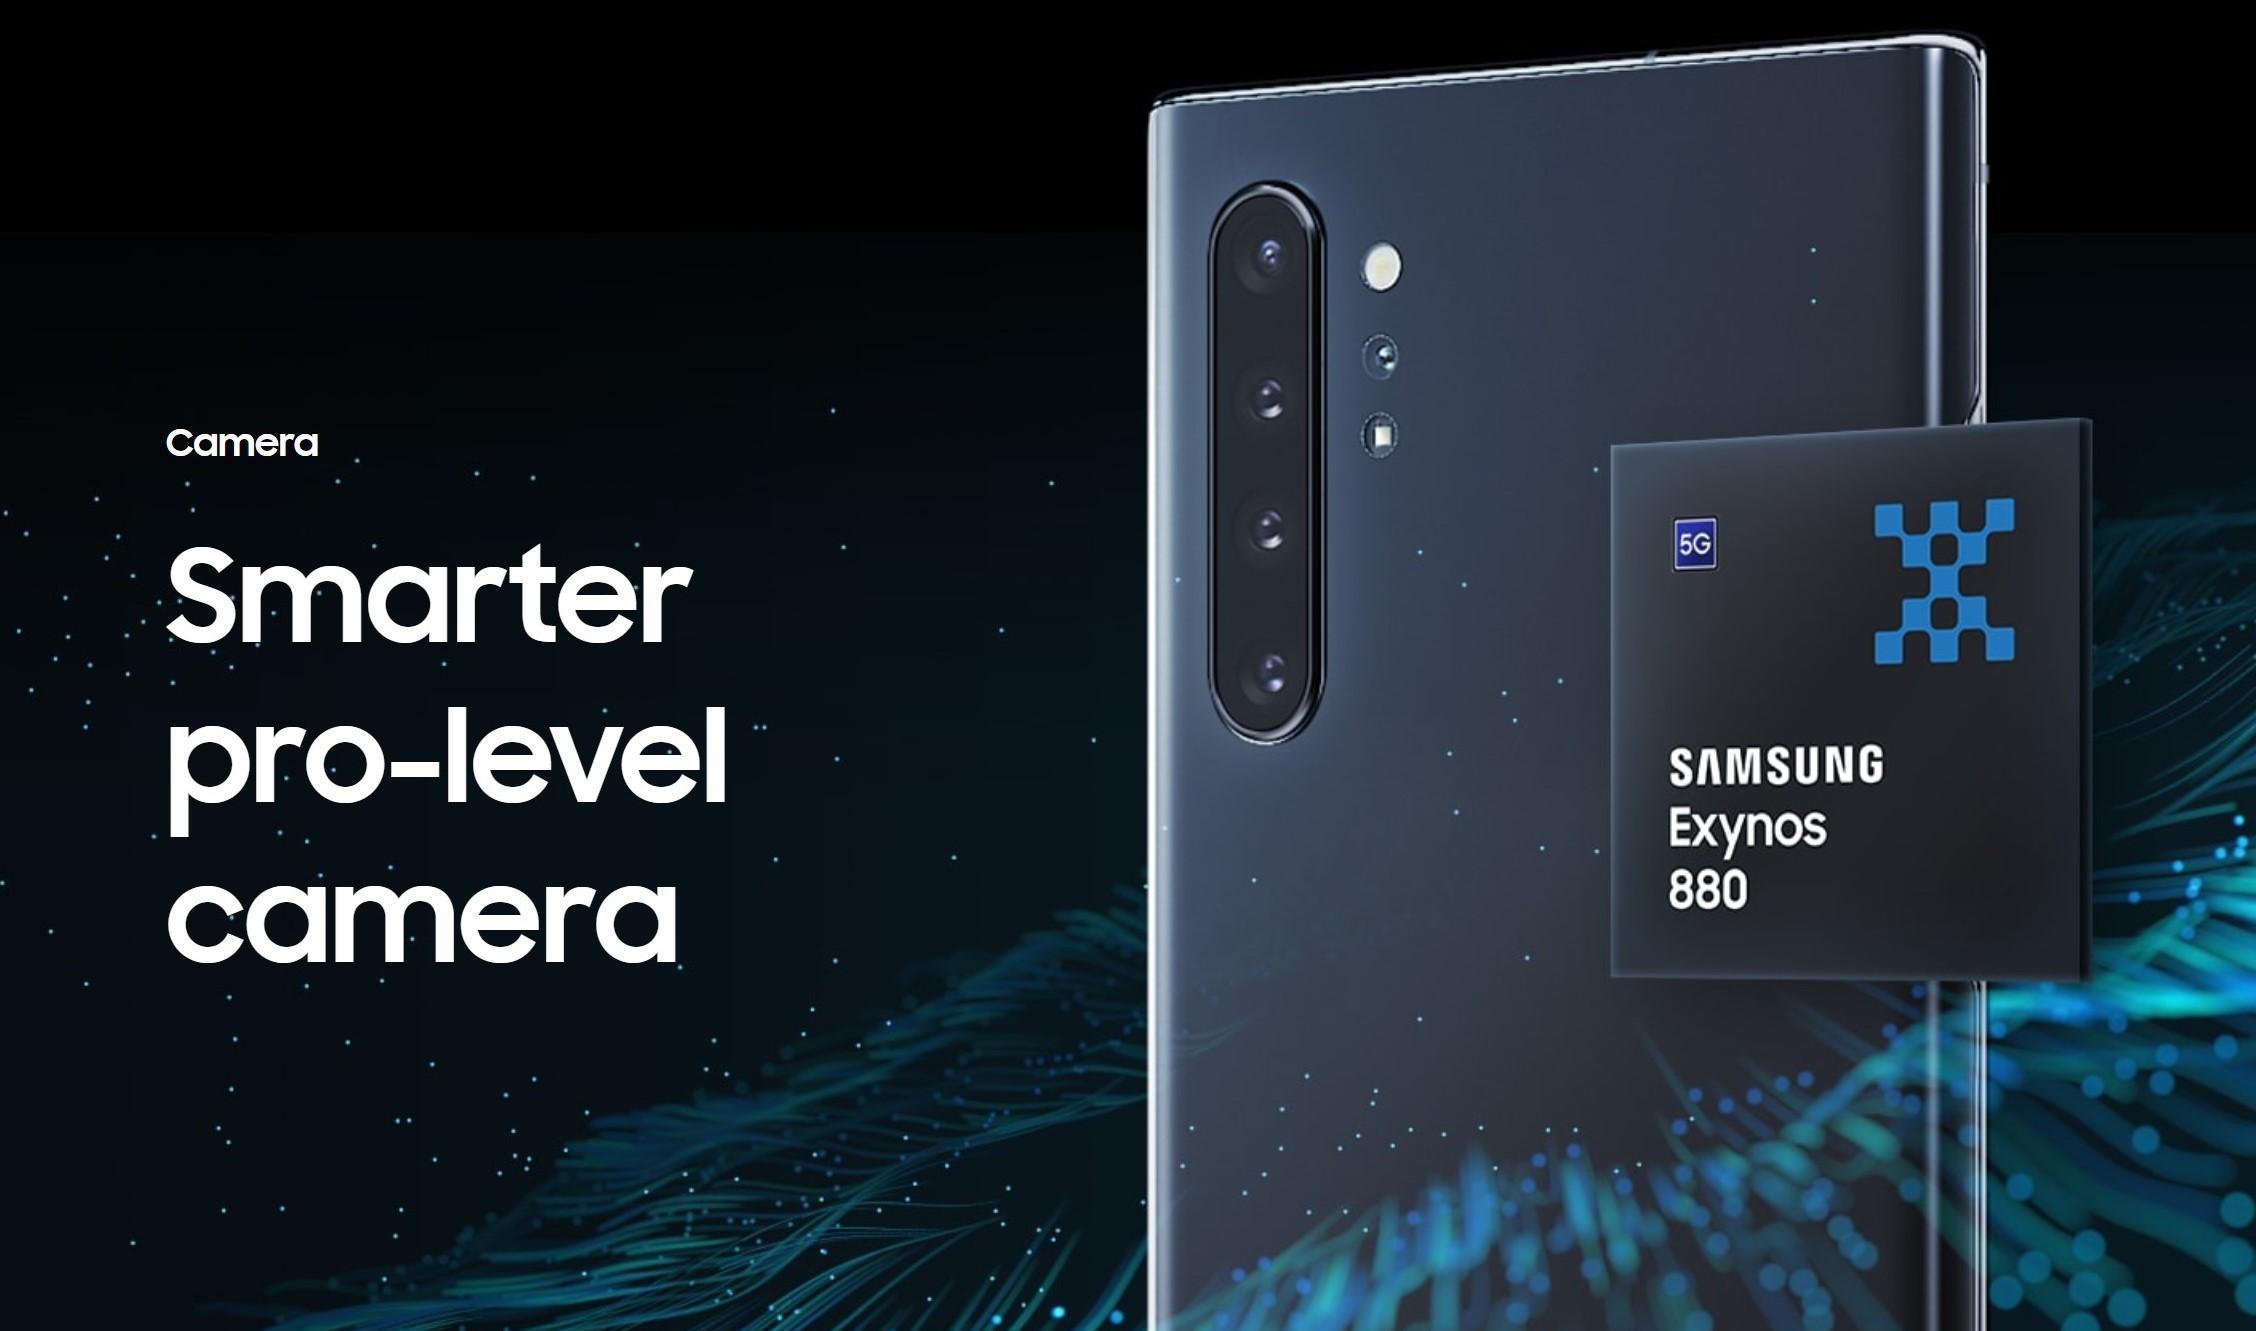 Ten procesor będzie częstym gościem w smartfonach Samsunga - Exynos 880 20